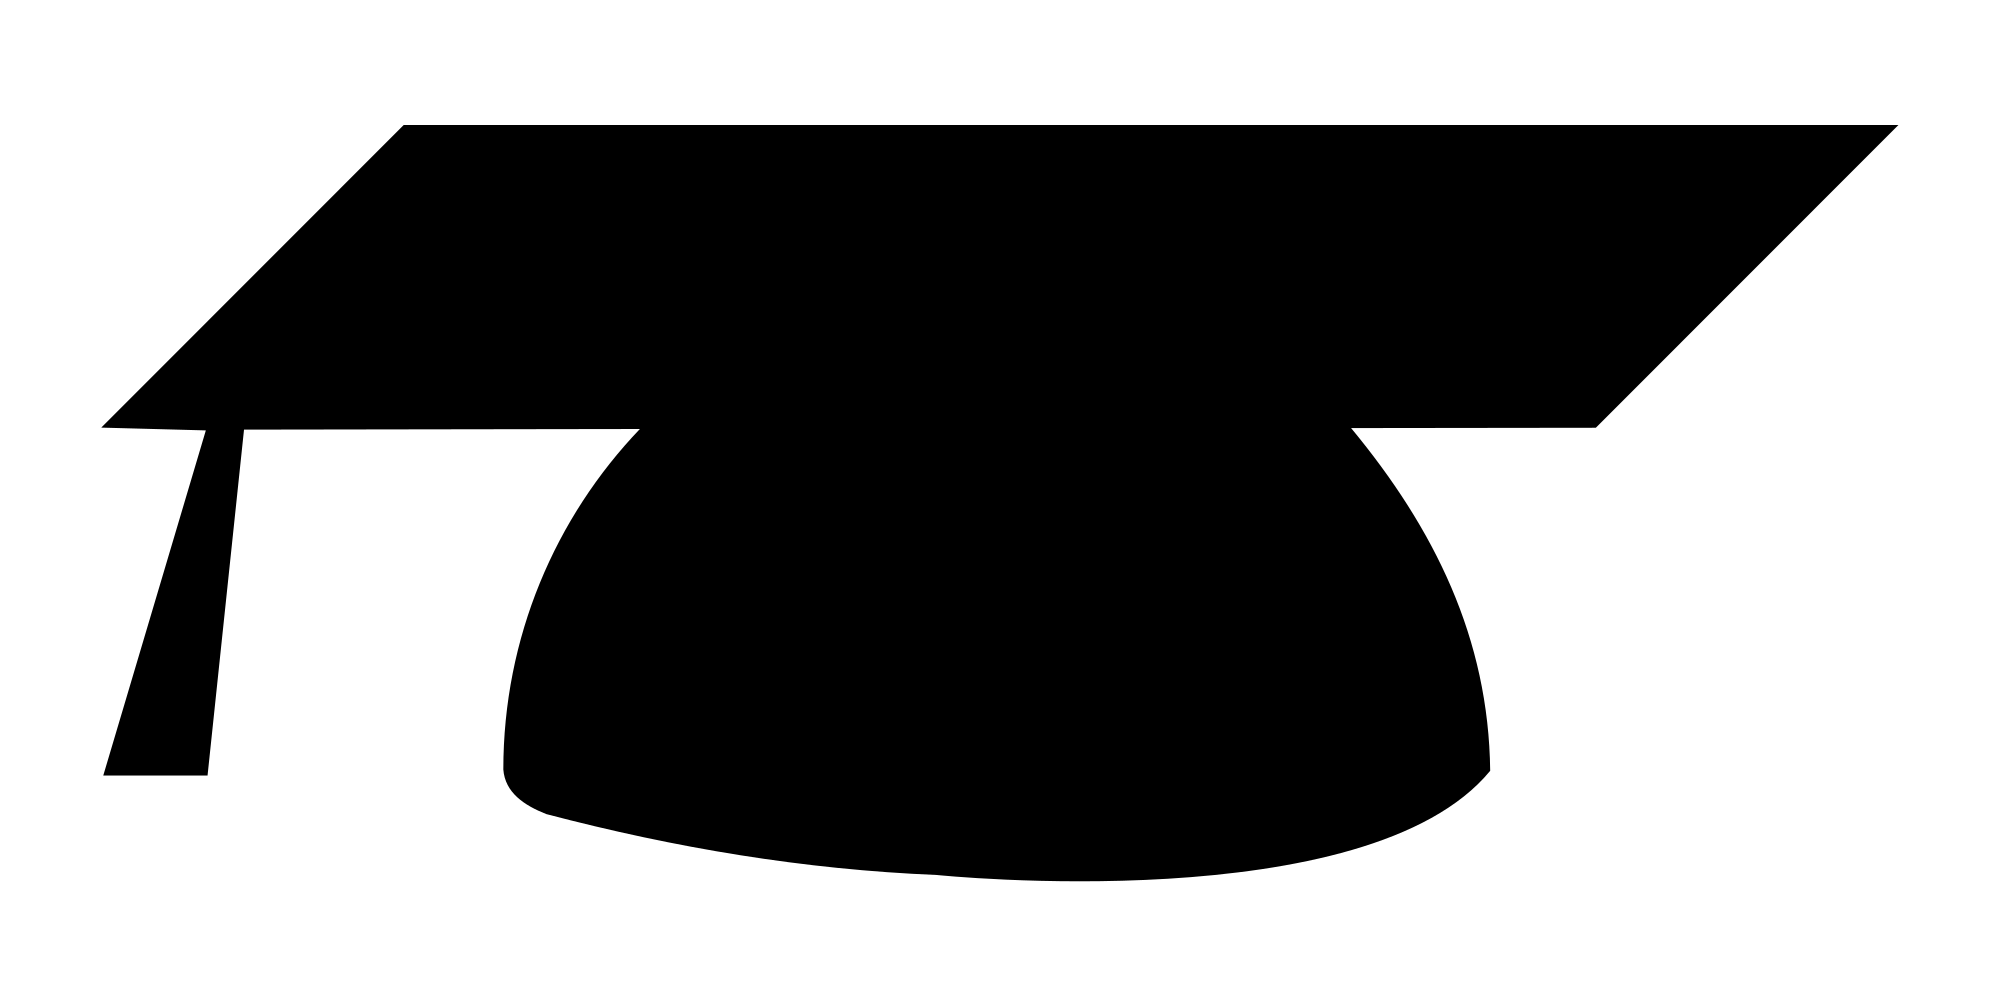 Datei:Doktorhut.svg - PNG Doktorhut